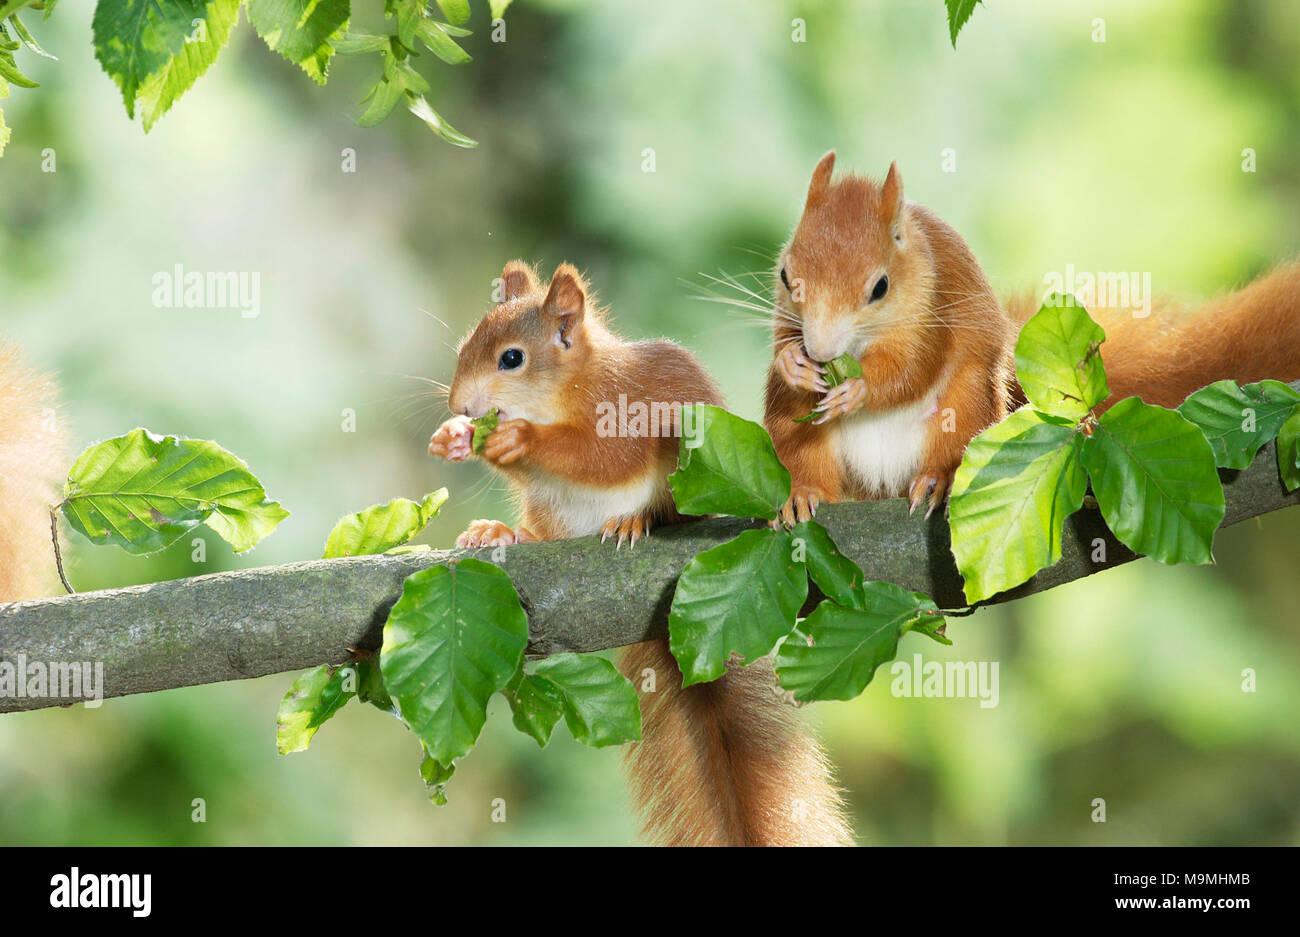 Unión ardilla roja (Sciurus vulgaris). Dos jóvenes Carpe comer semillas. Alemania Foto de stock